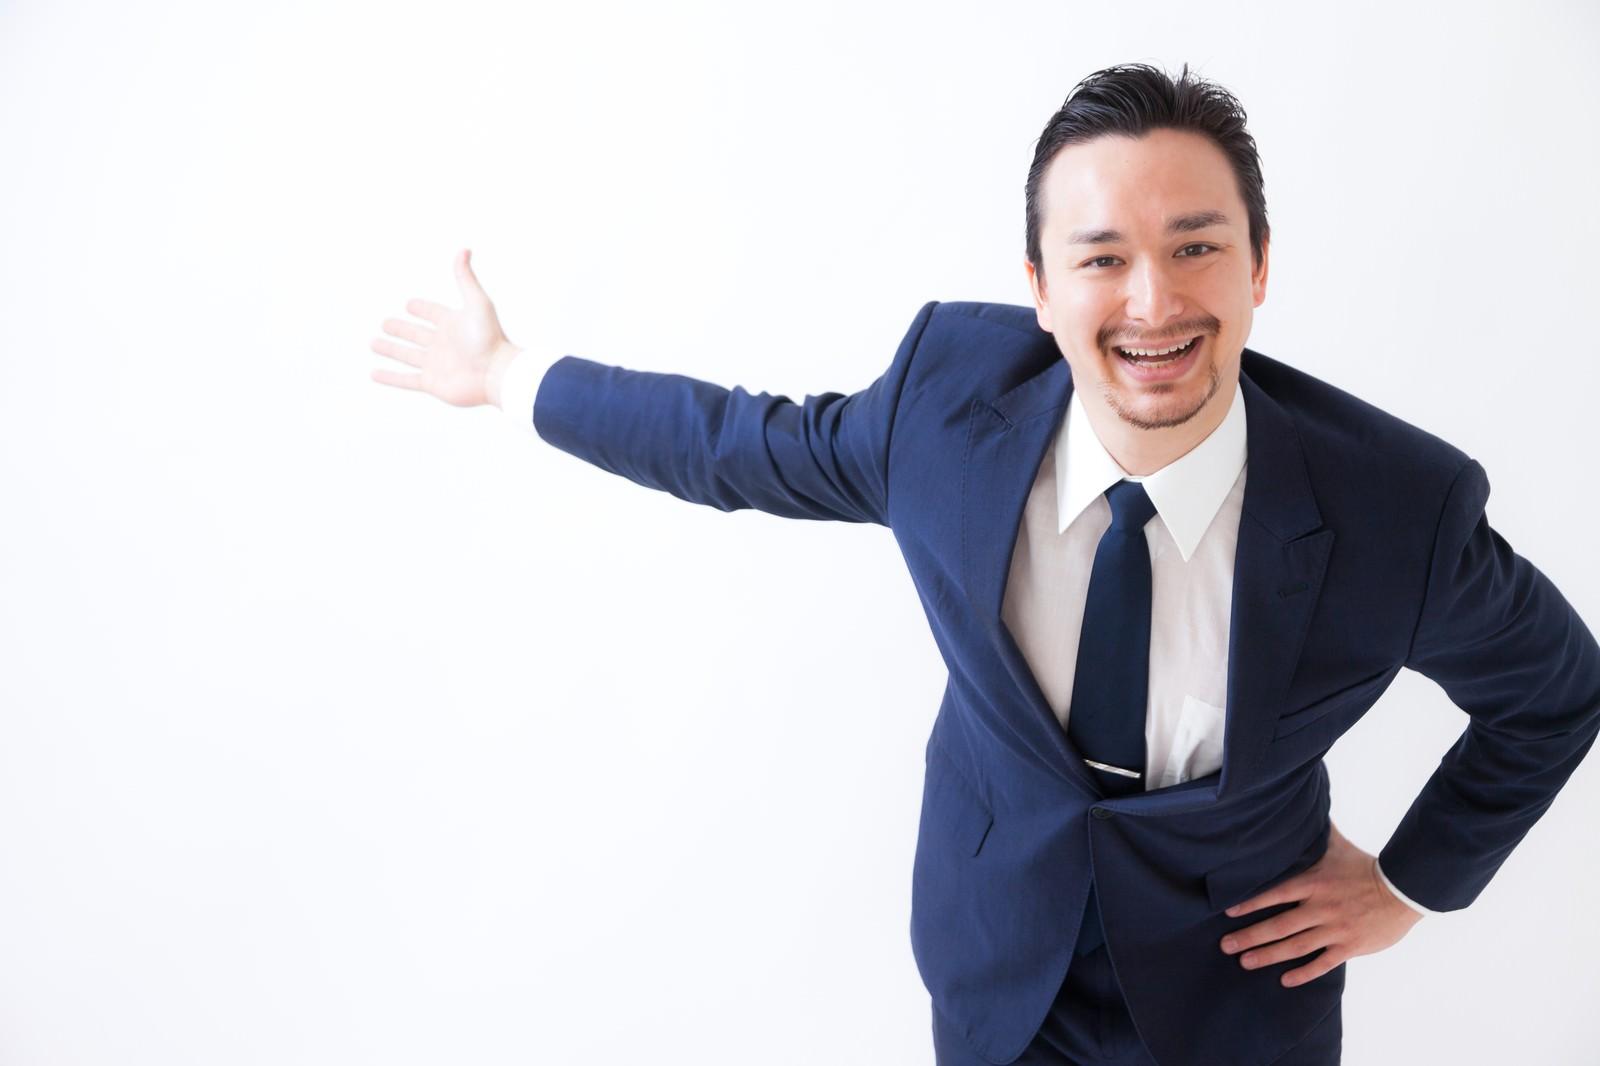 「笑顔がしつこい営業マン笑顔がしつこい営業マン」[モデル:Max_Ezaki]のフリー写真素材を拡大